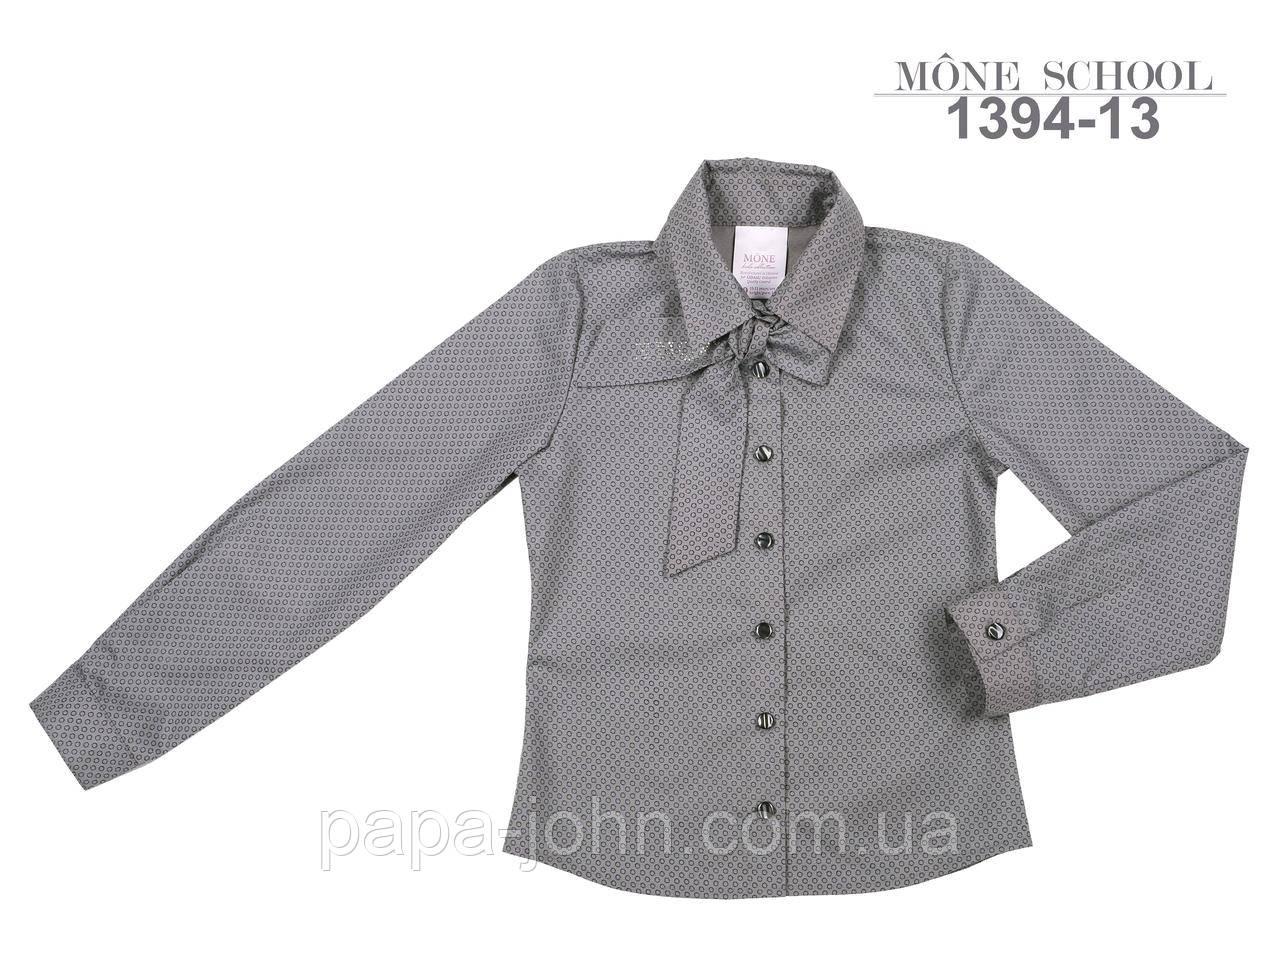 Сорочка з краваткою, стрейч бавовна, сірий в ромбик, ТМ Моне р. 128